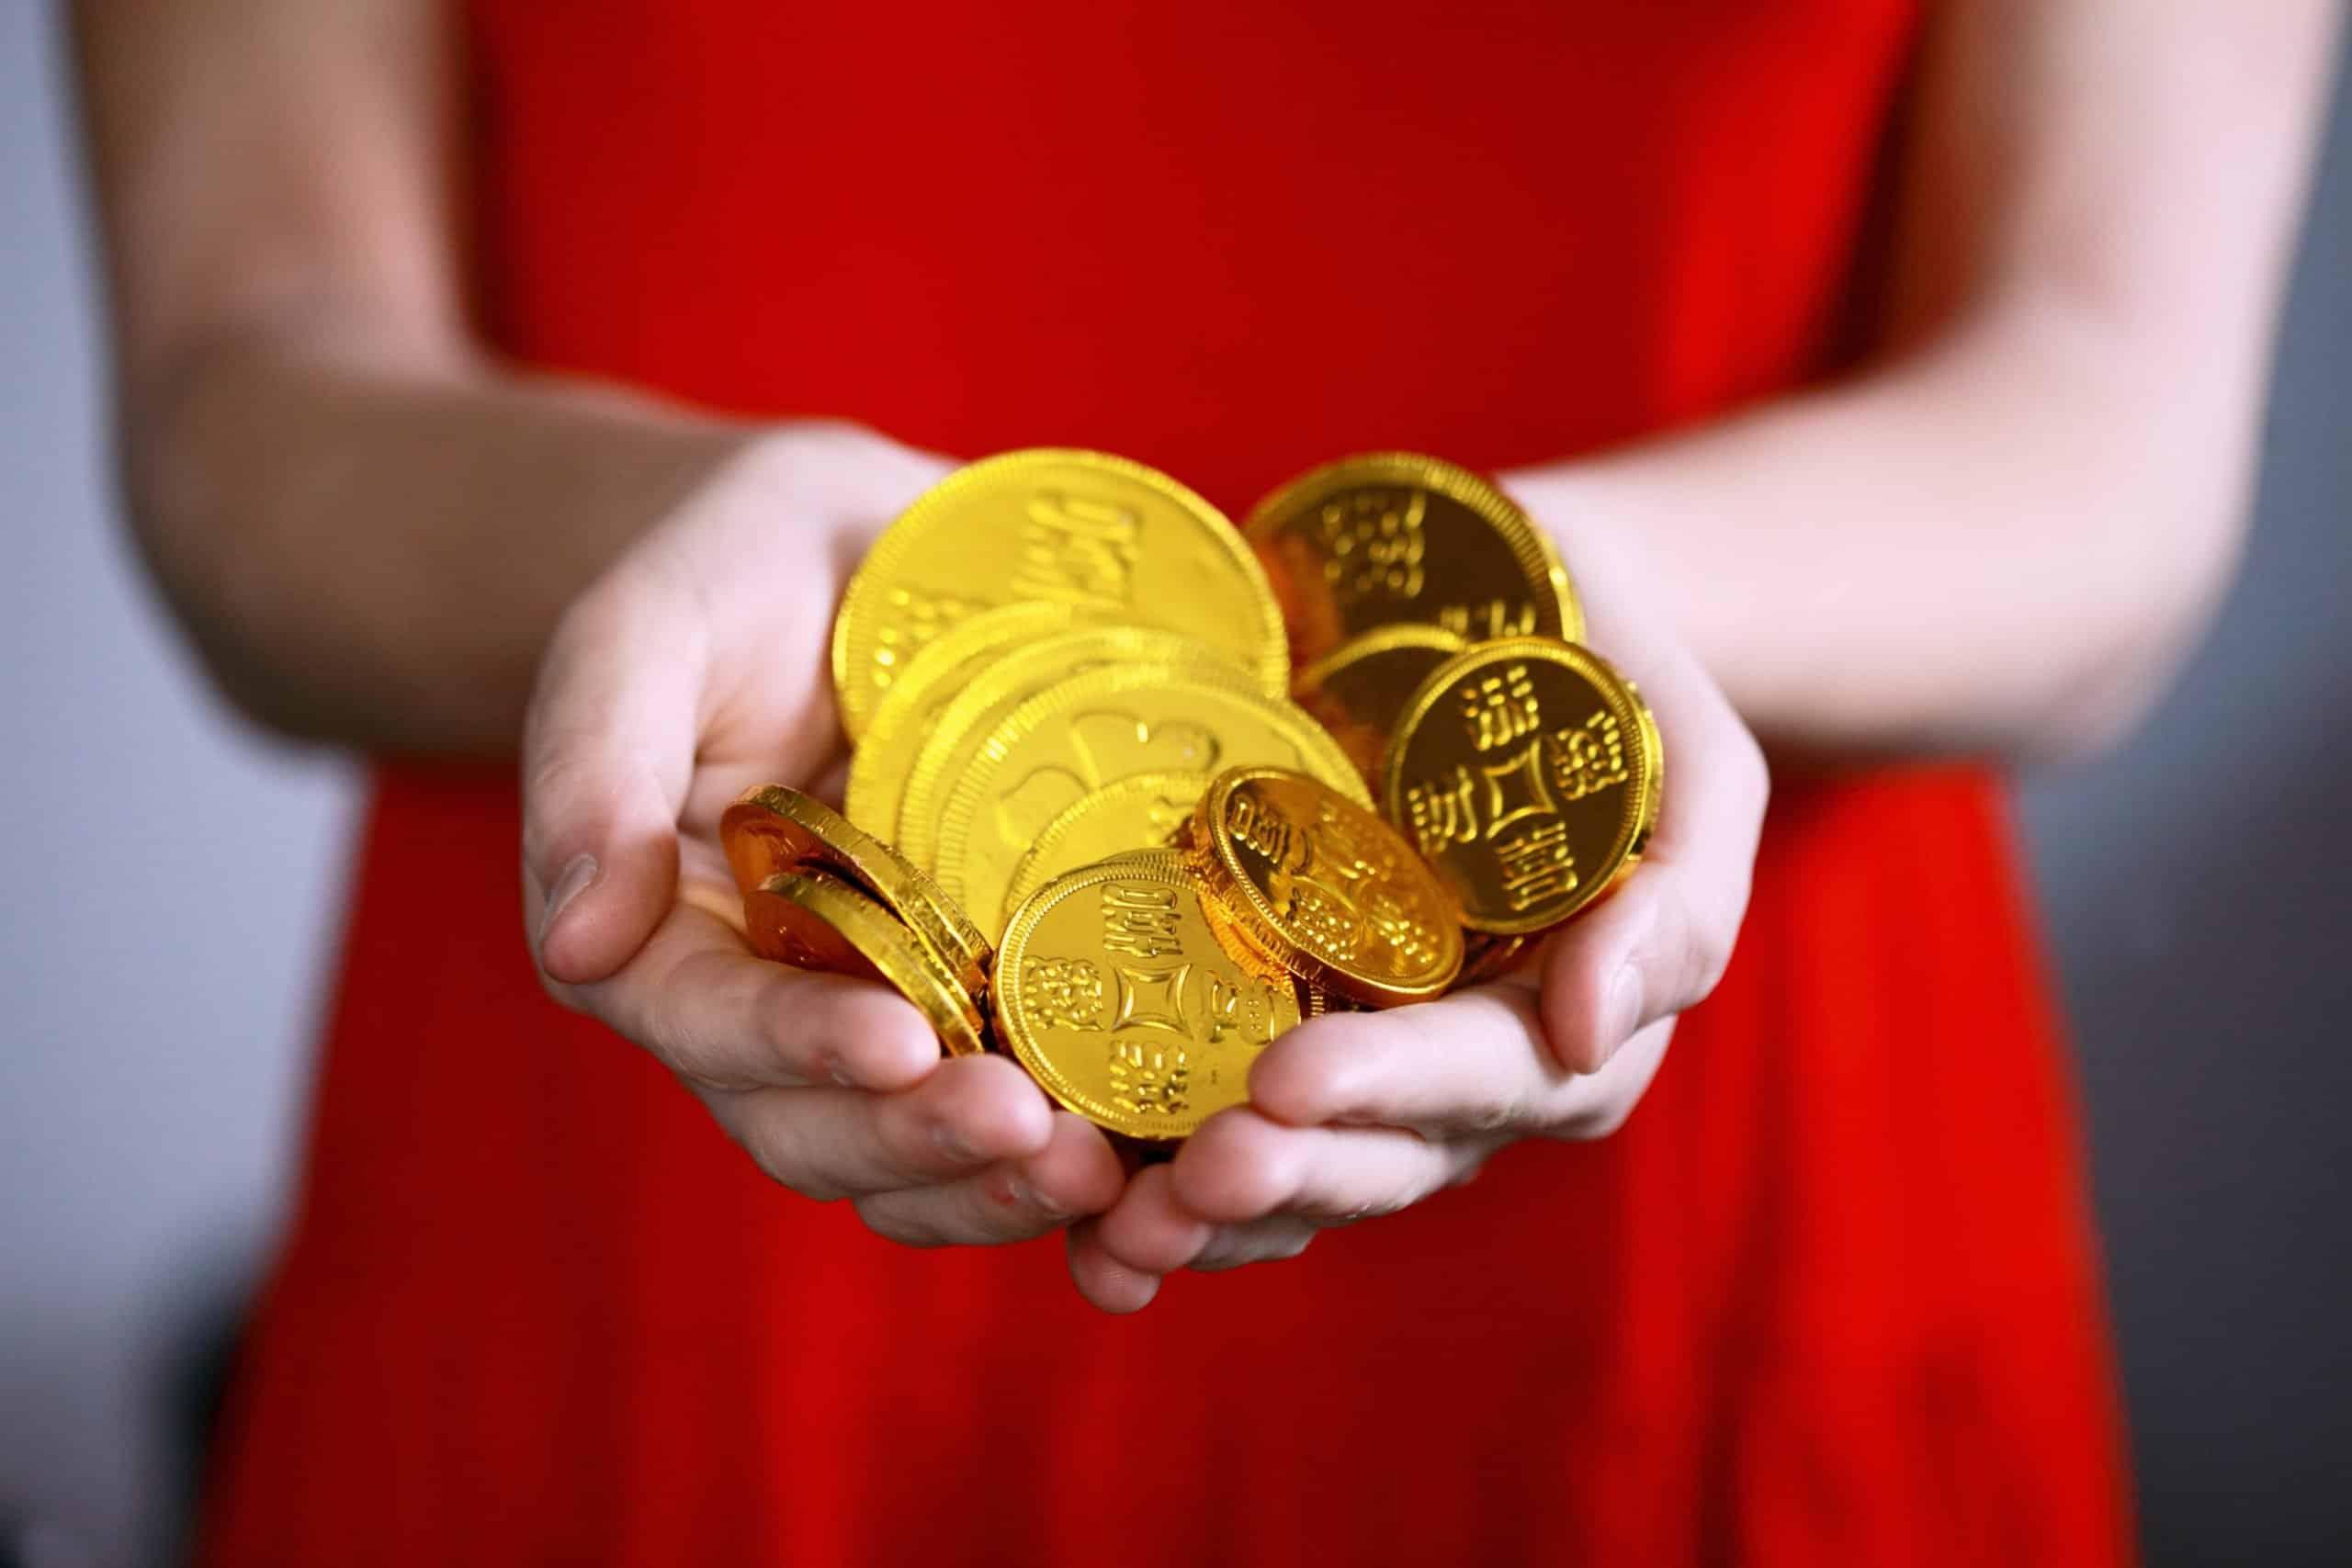 kurā vietnē ātri nopelnīt naudu vai tiešām ir iespējams nopelnīt naudu par binārām opcijām